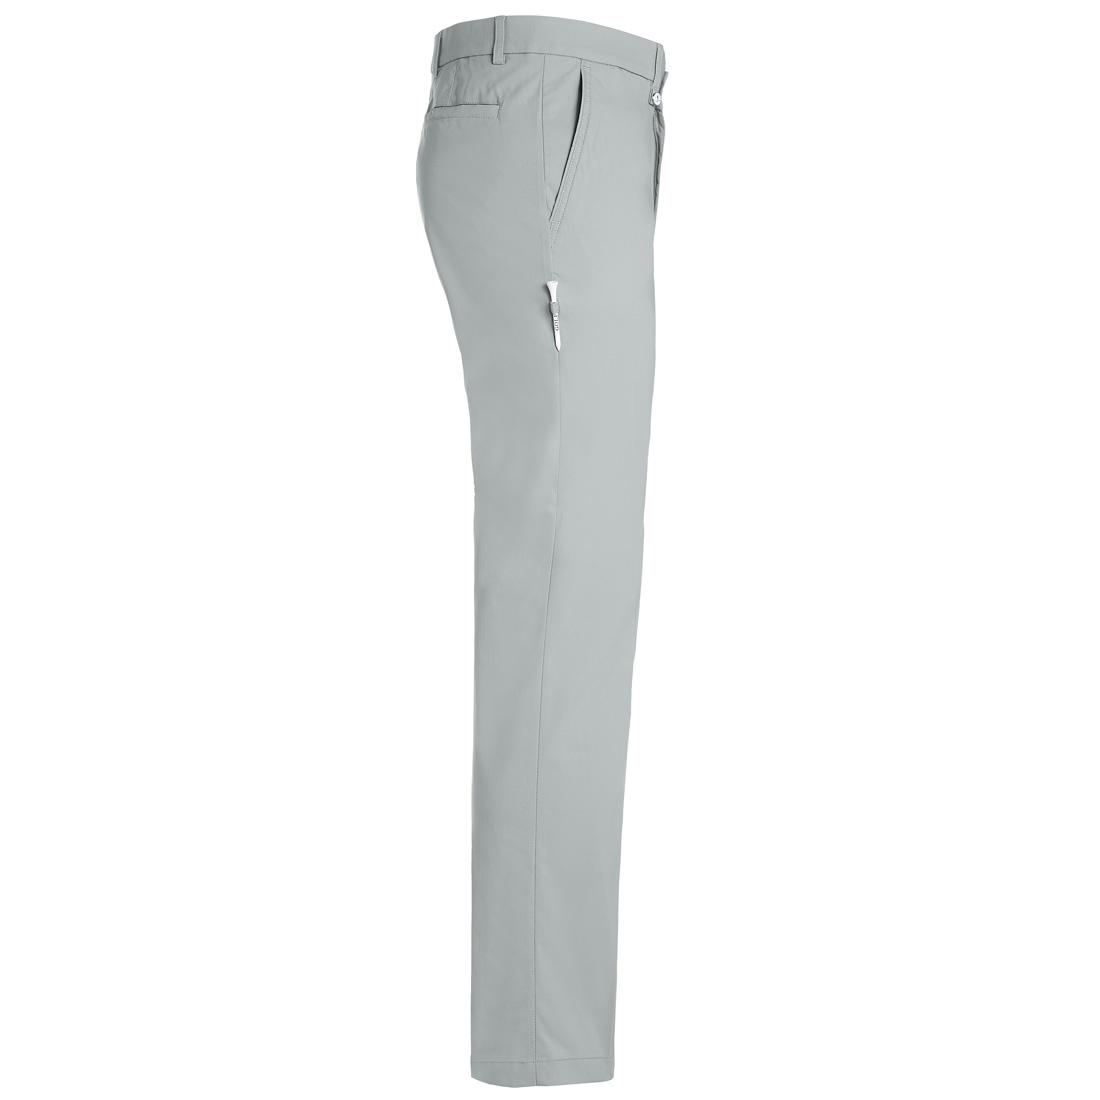 Herren Hose aus Stretch-Material mit Sonnenschutz-Funktion